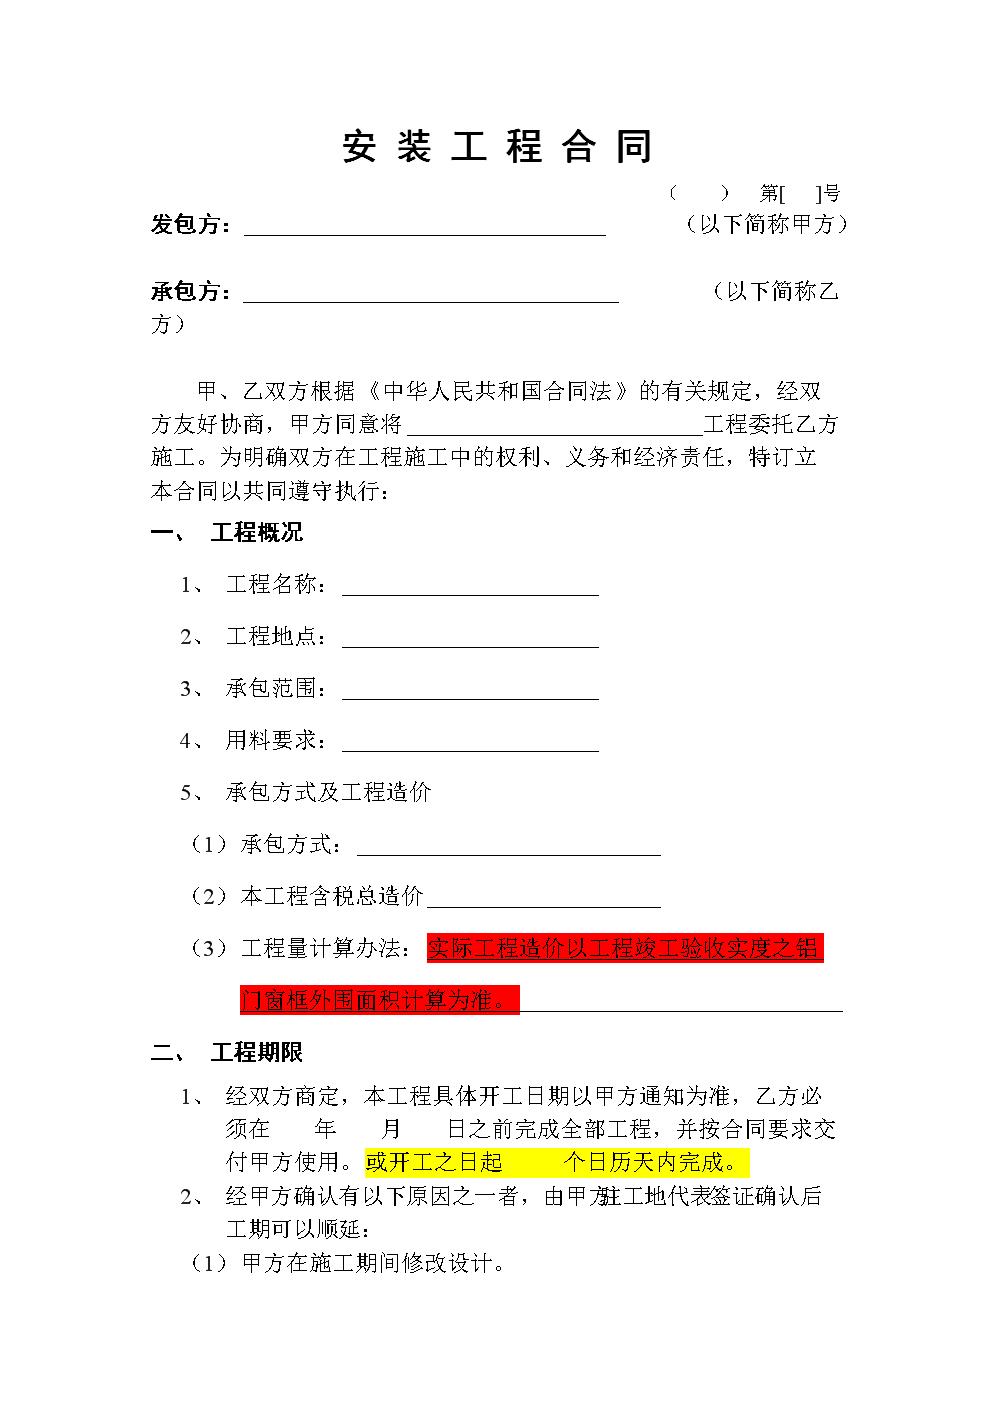 合同_房地产内部资料之安装标准合同(铝合金门窗工程-)(标准合同范本).doc